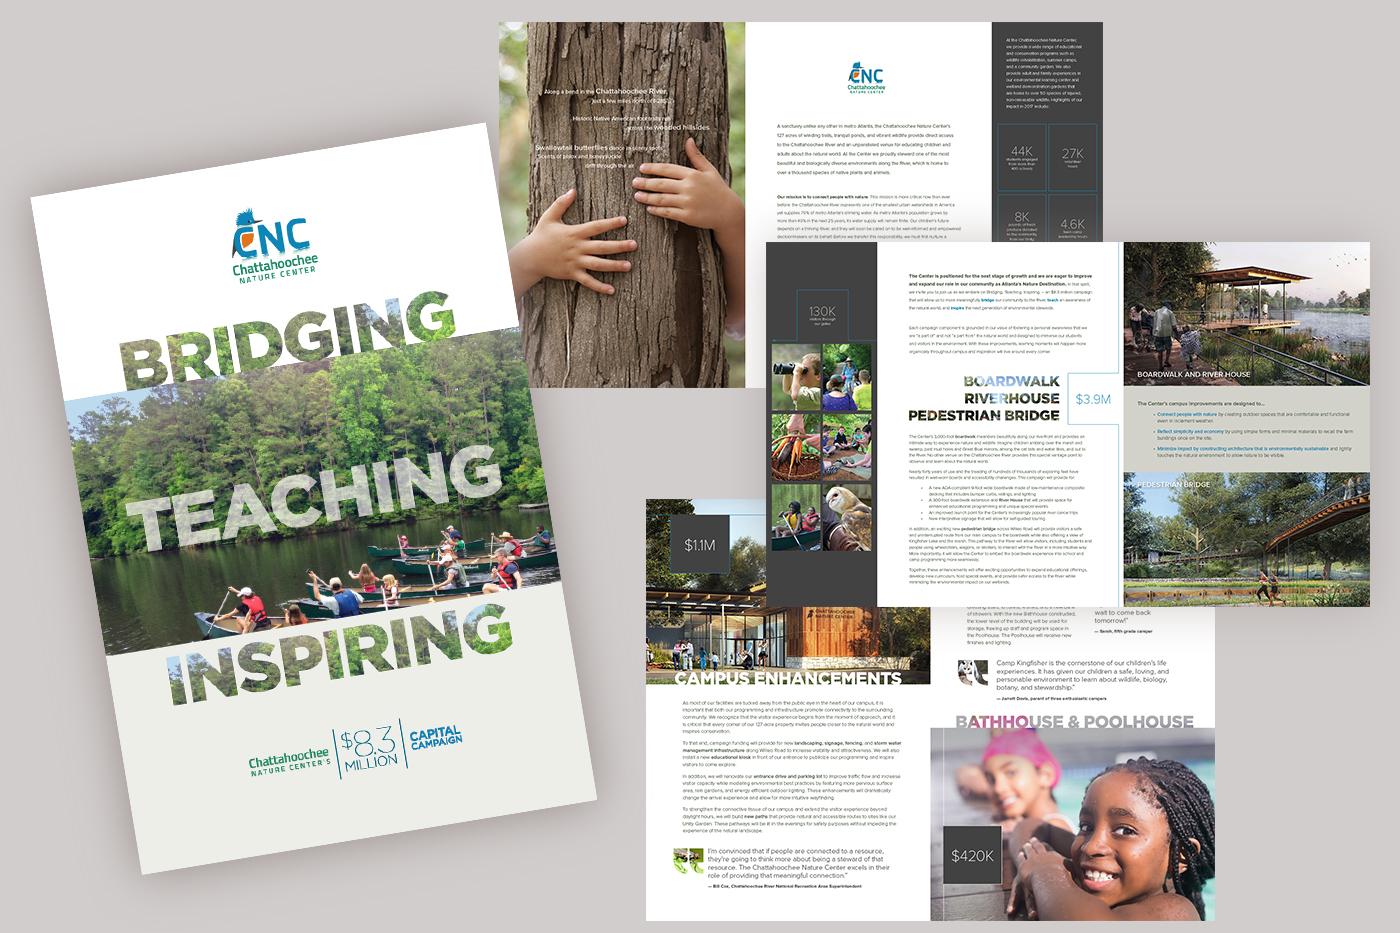 cnc-campaign